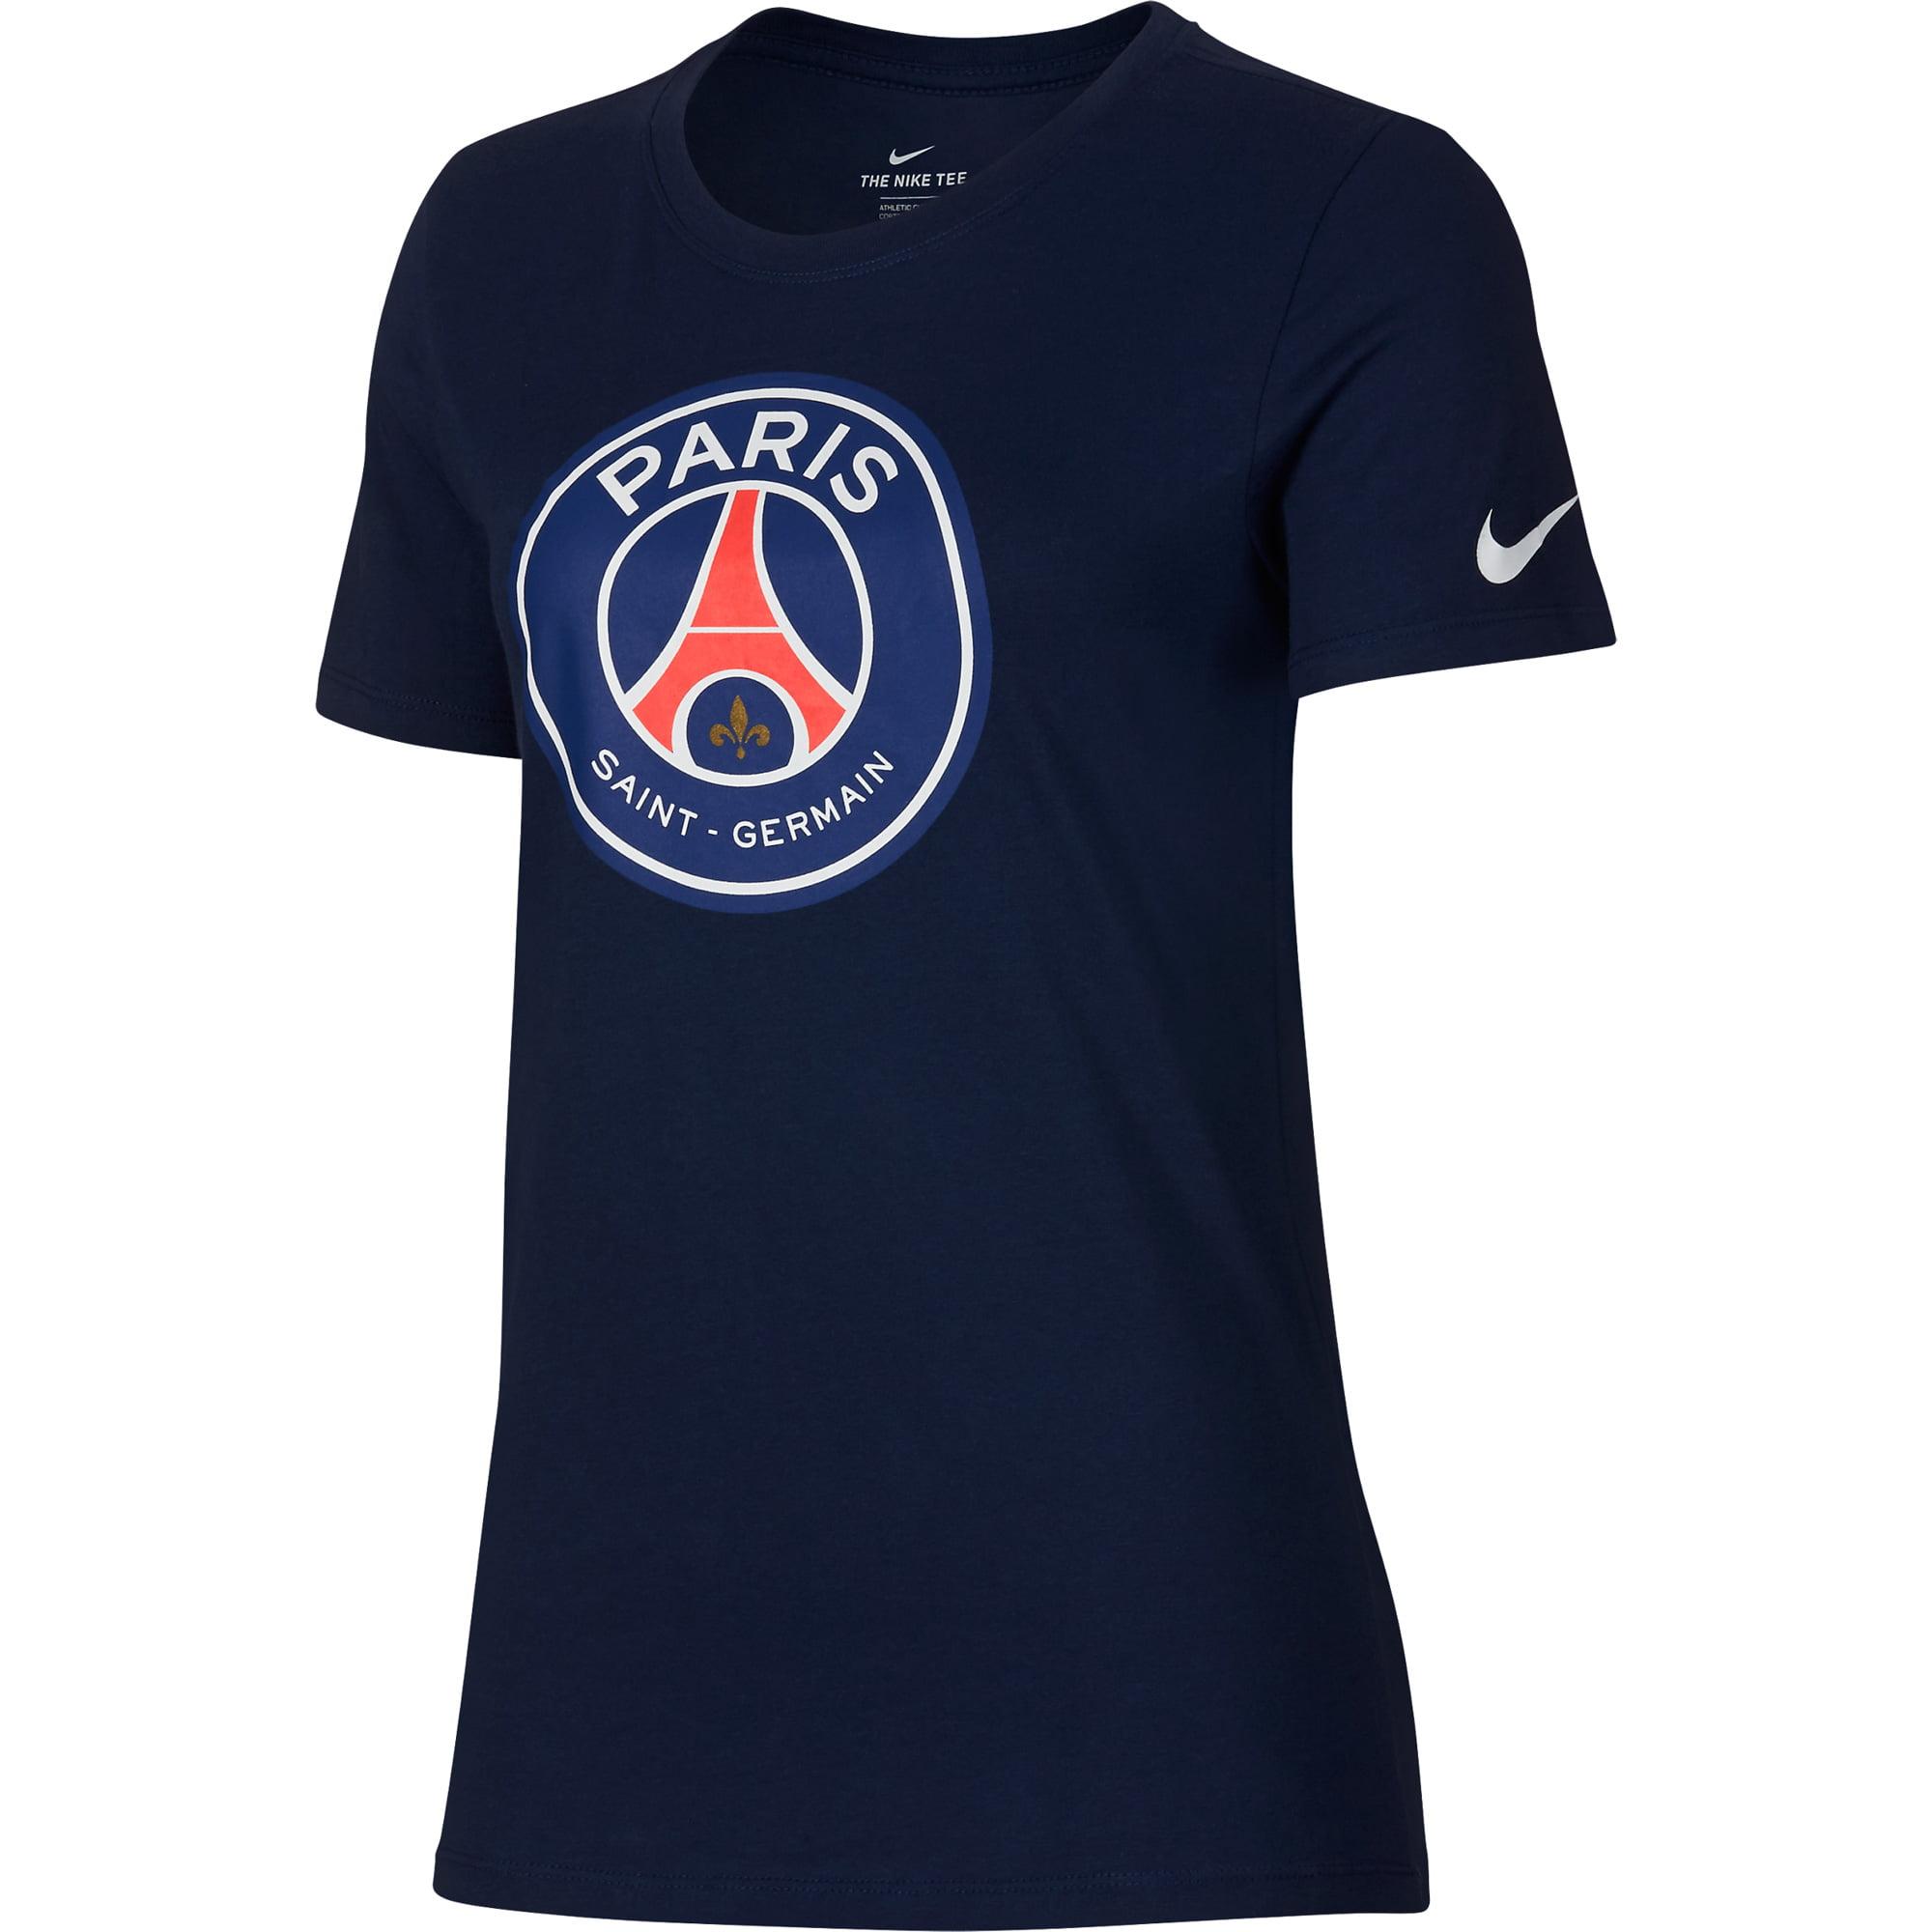 Nike - Paris Saint-Germain Nike Women s Evergreen Crest T-Shirt - Navy -  Walmart.com 919d2219f